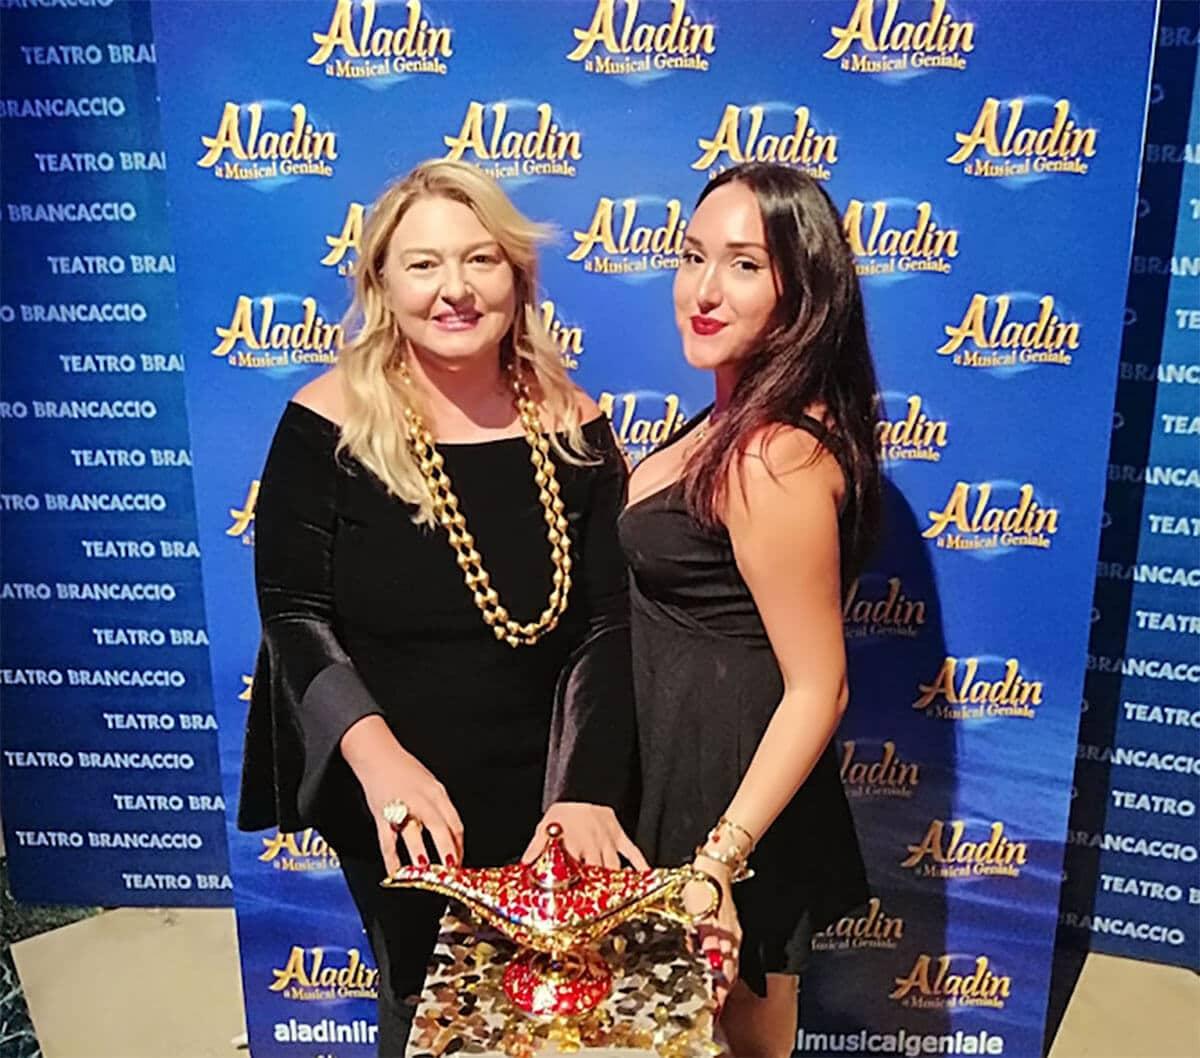 Aladin - Monica Setta e Gaia Torlontano